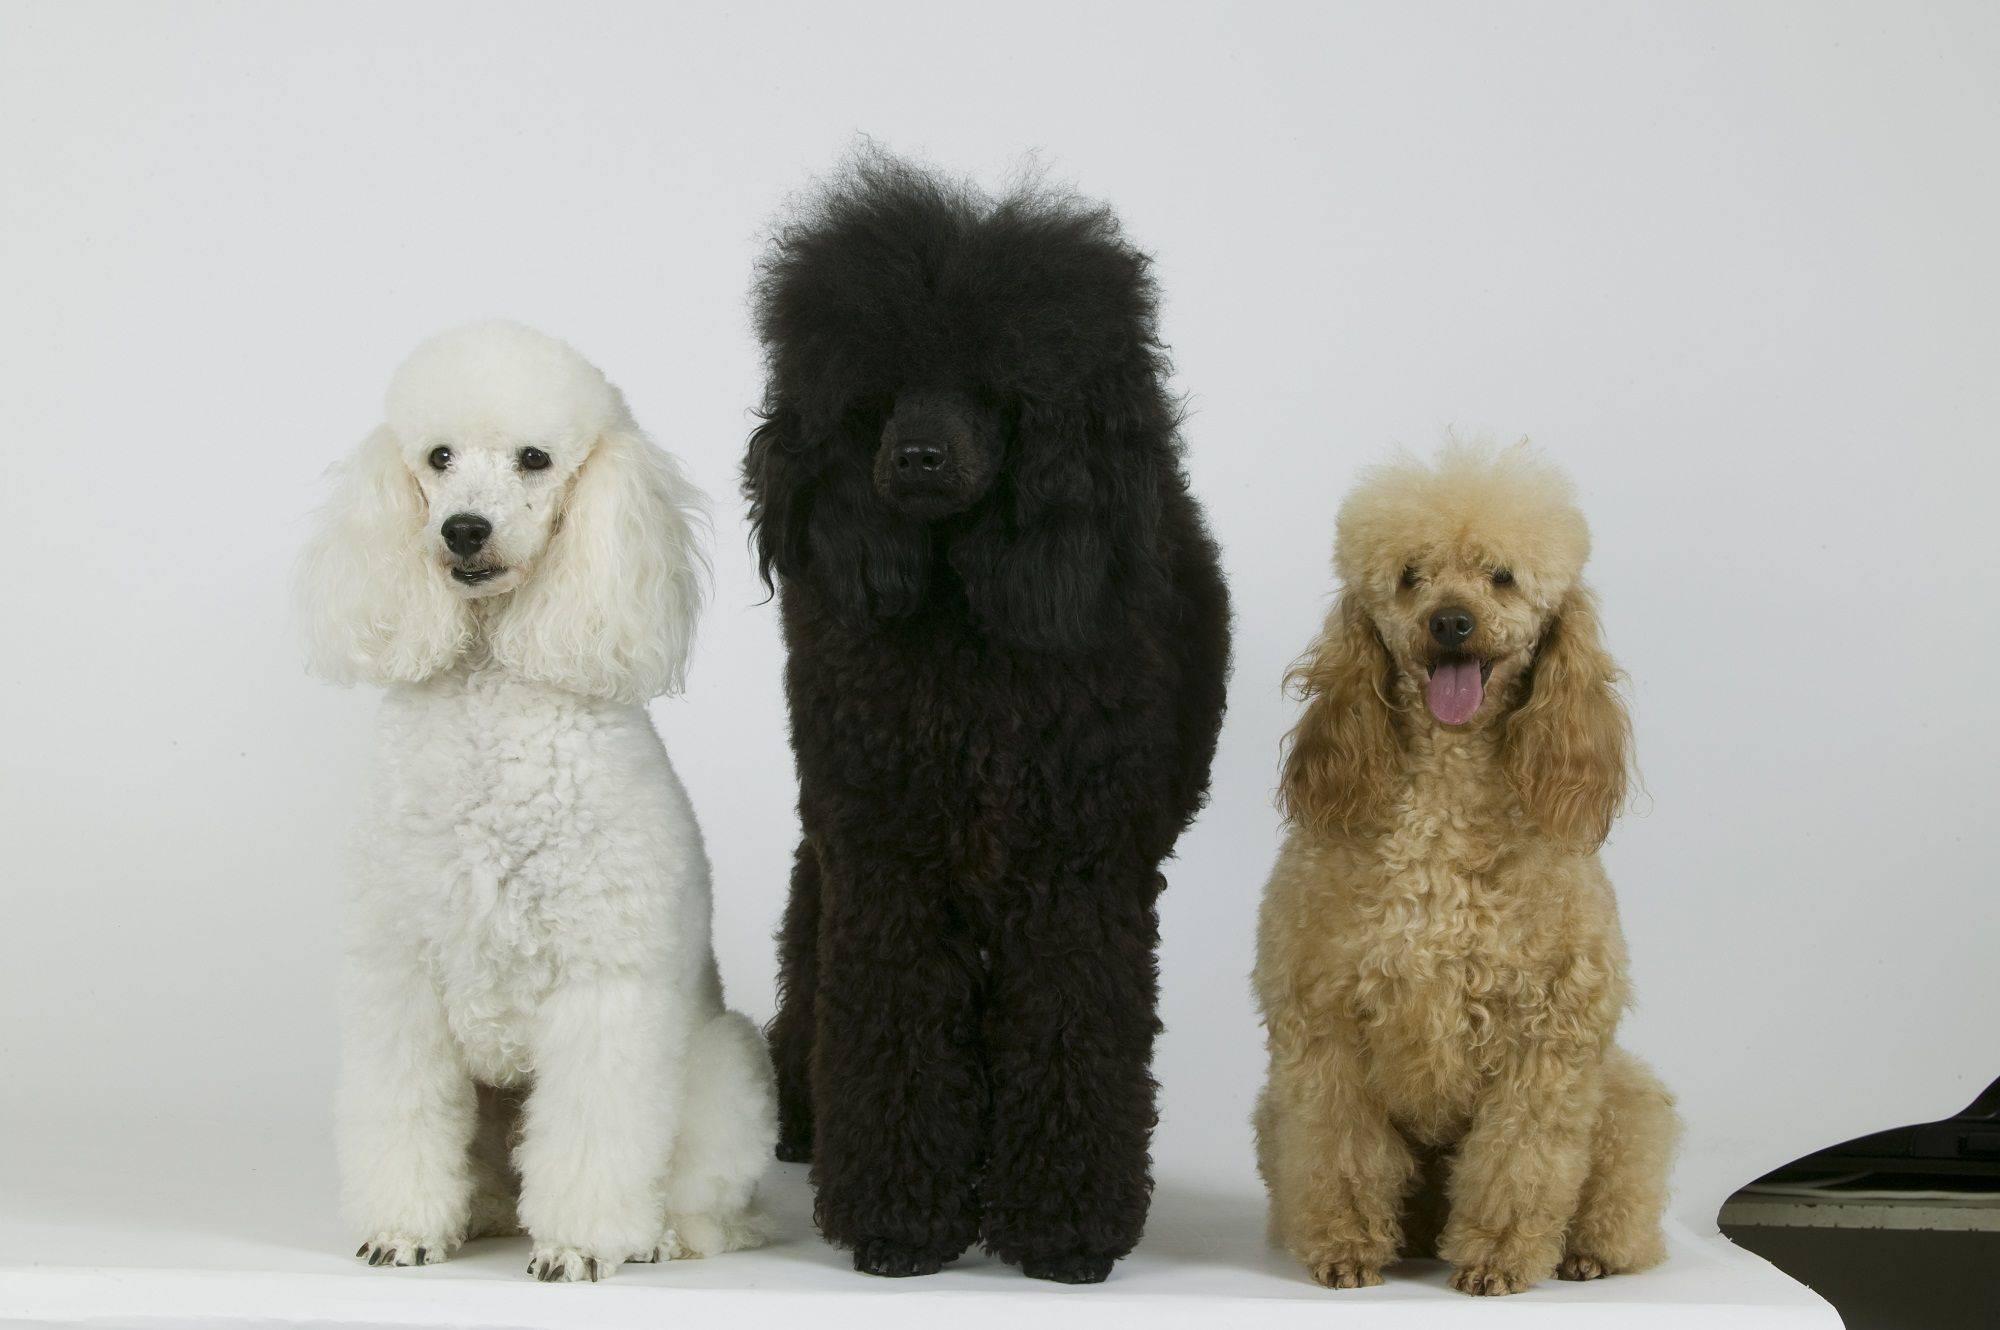 Карликовый пудель – декоративная порода собак: внешний вид, особенности характера, уход и содержание в домашних условиях